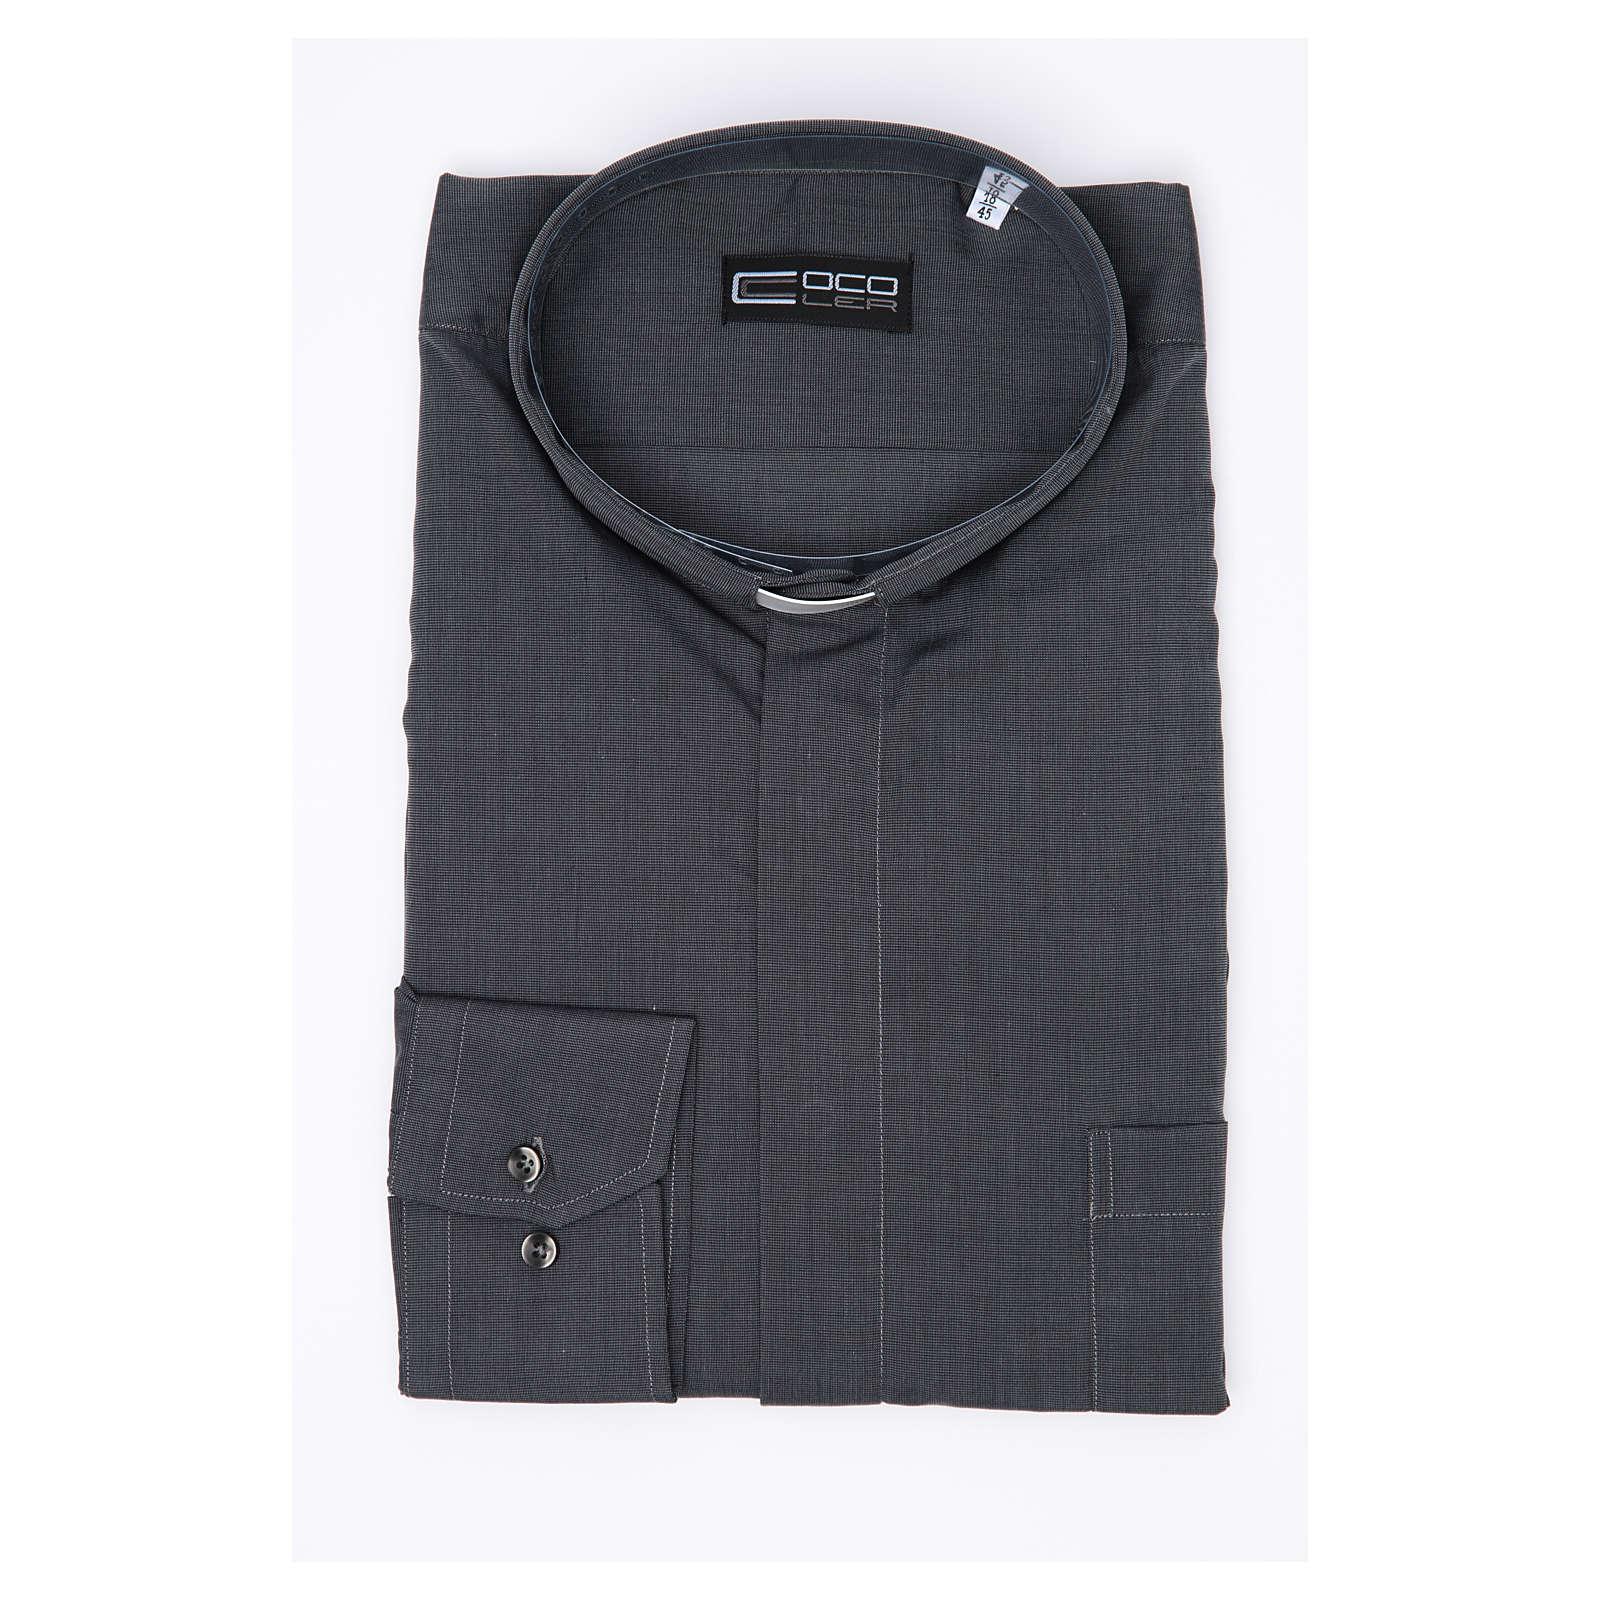 Camicia clergy M. Lunga Filo a Filo misto cotone  Grigio 4